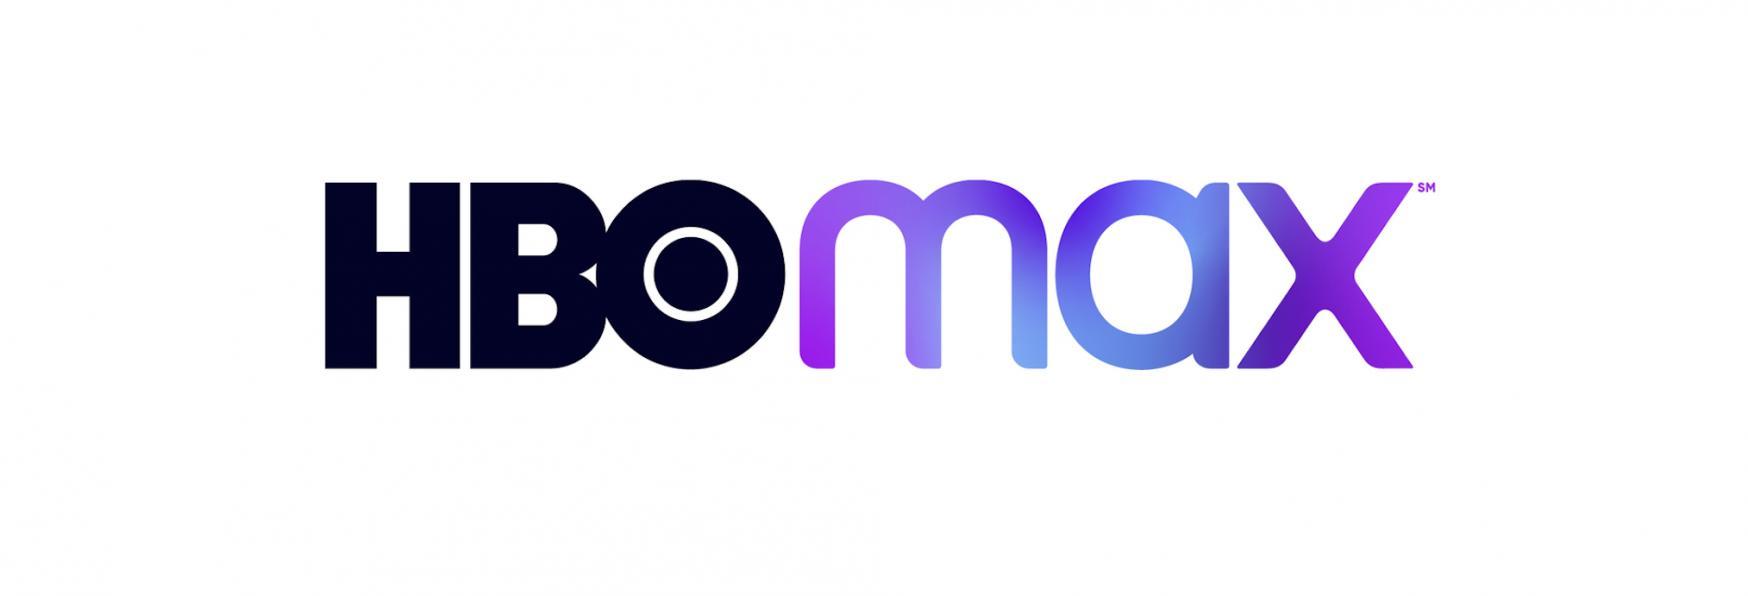 HBO Max: finalmente la Data di Lancio del Servizio di Streaming